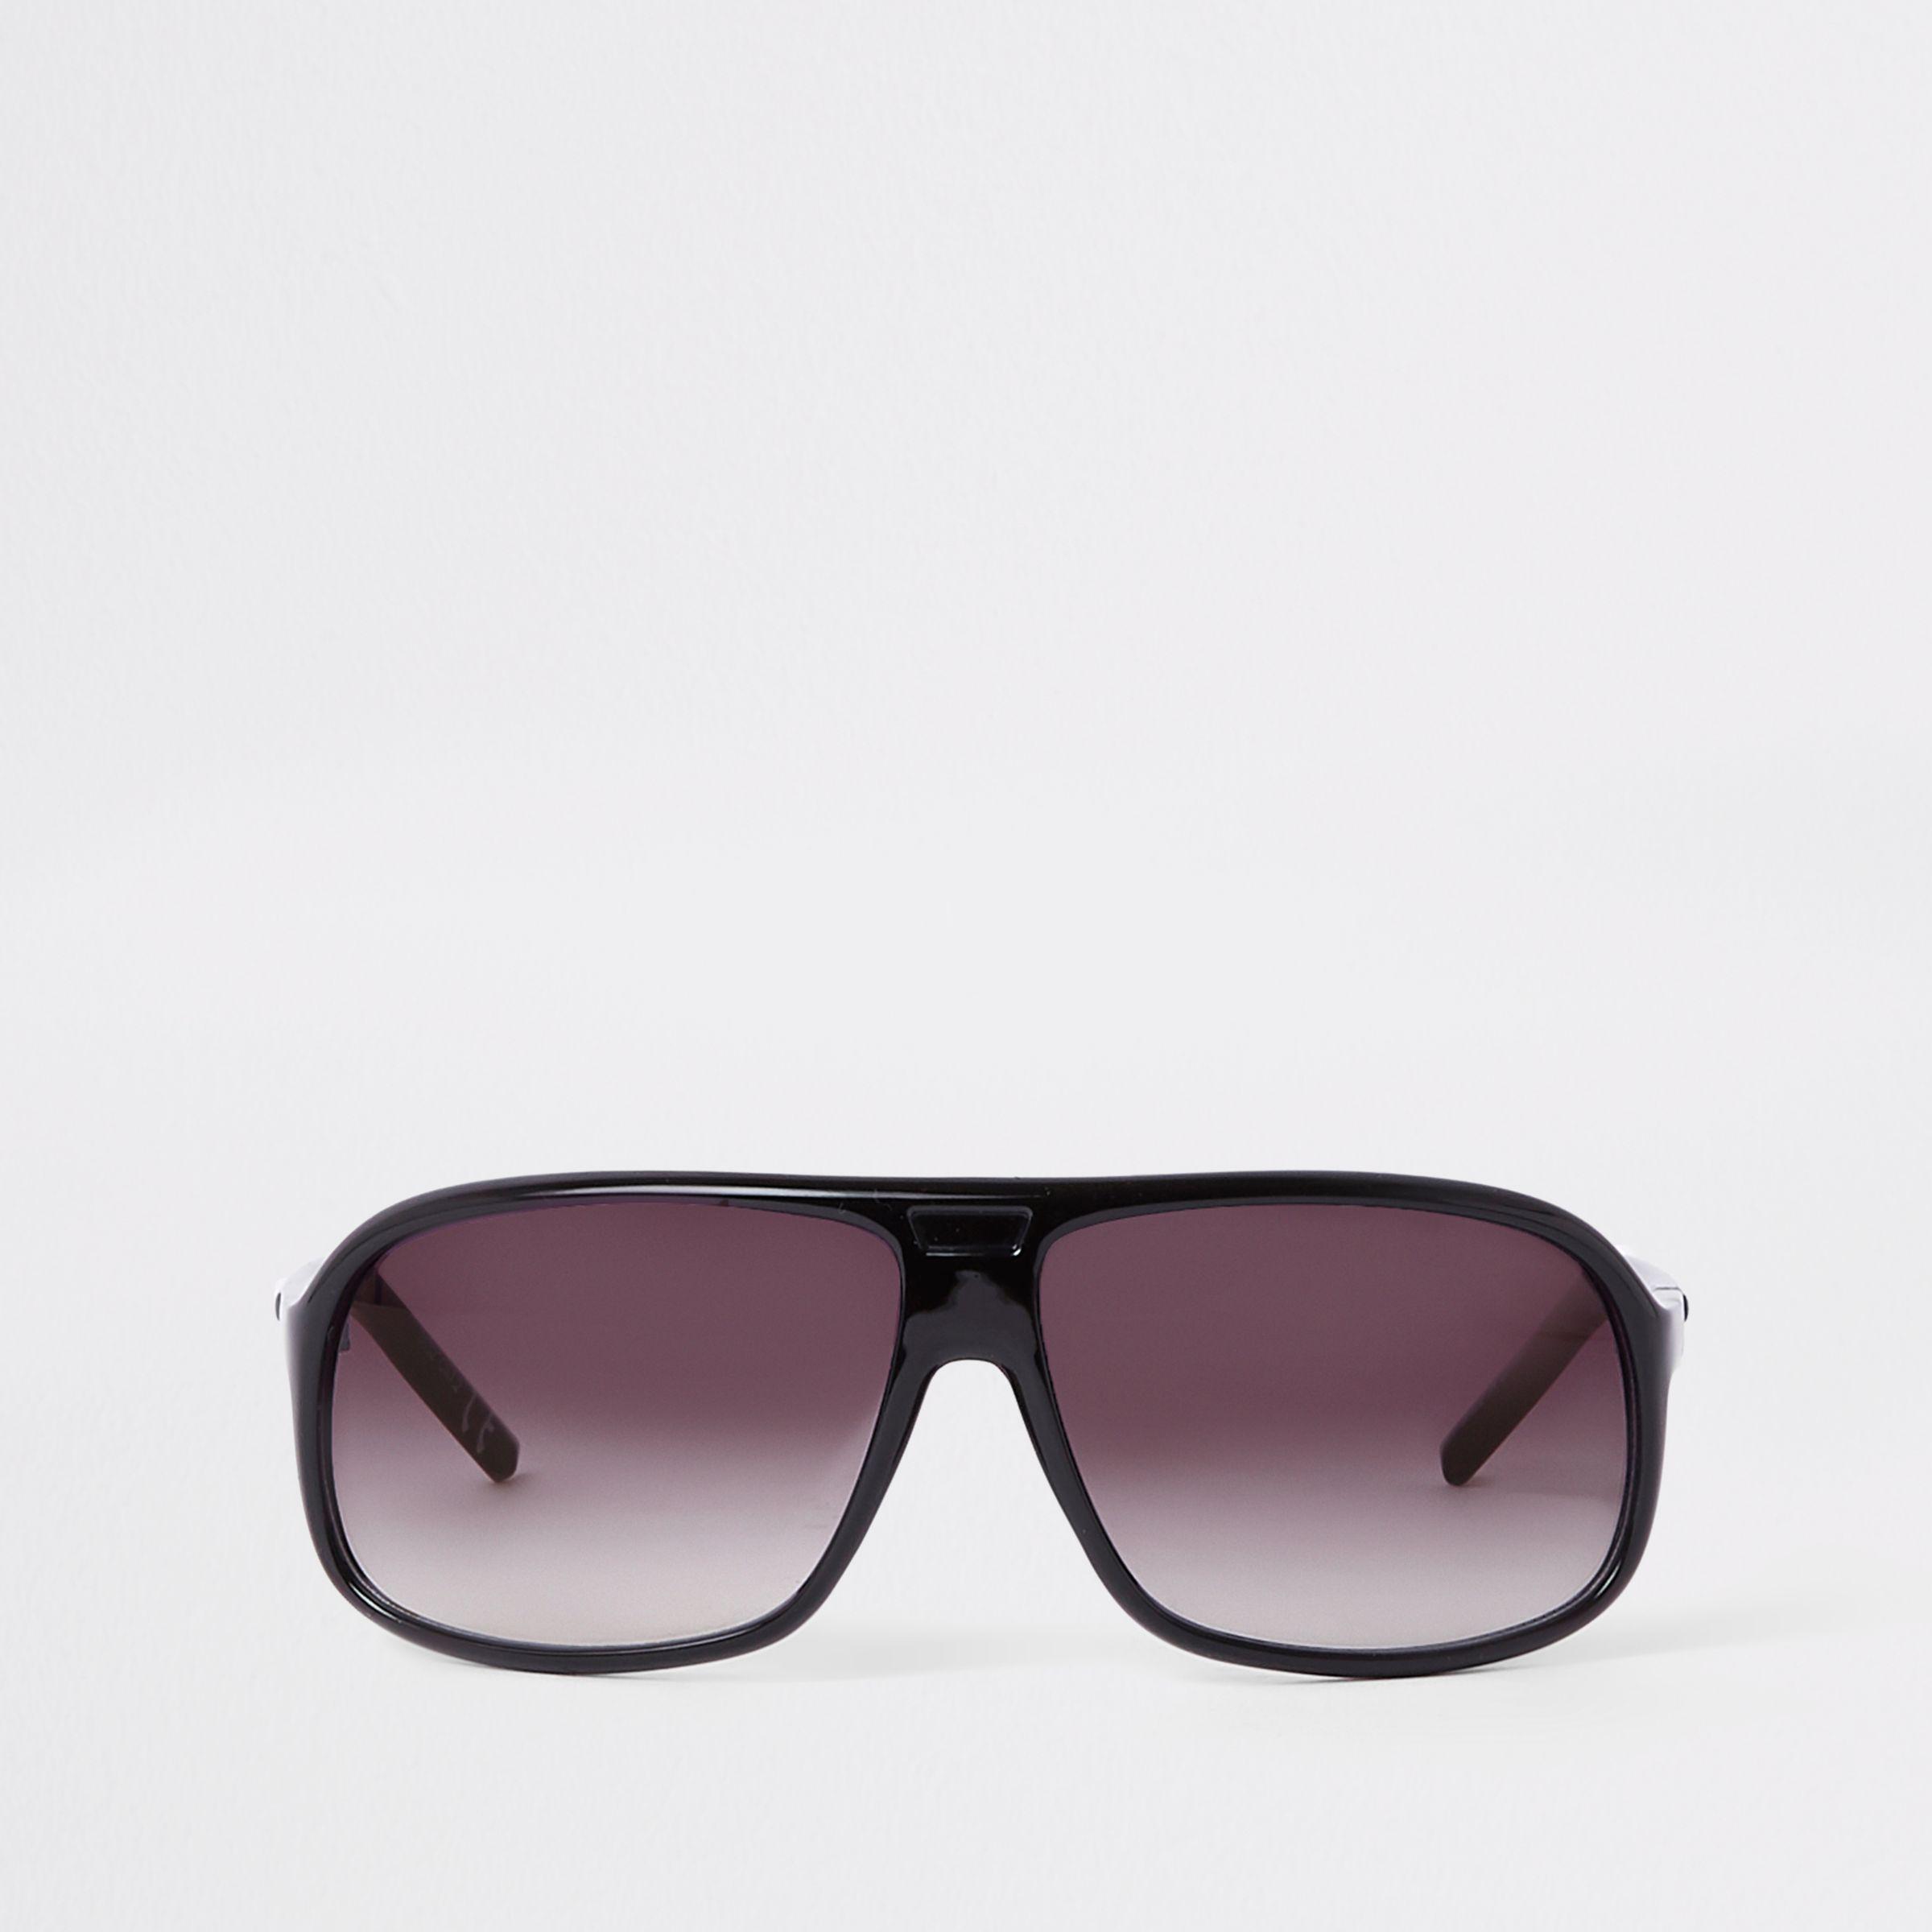 aa27df8c63e6 Lyst - River Island Visor Smoke Lens Sunglasses in Black for Men